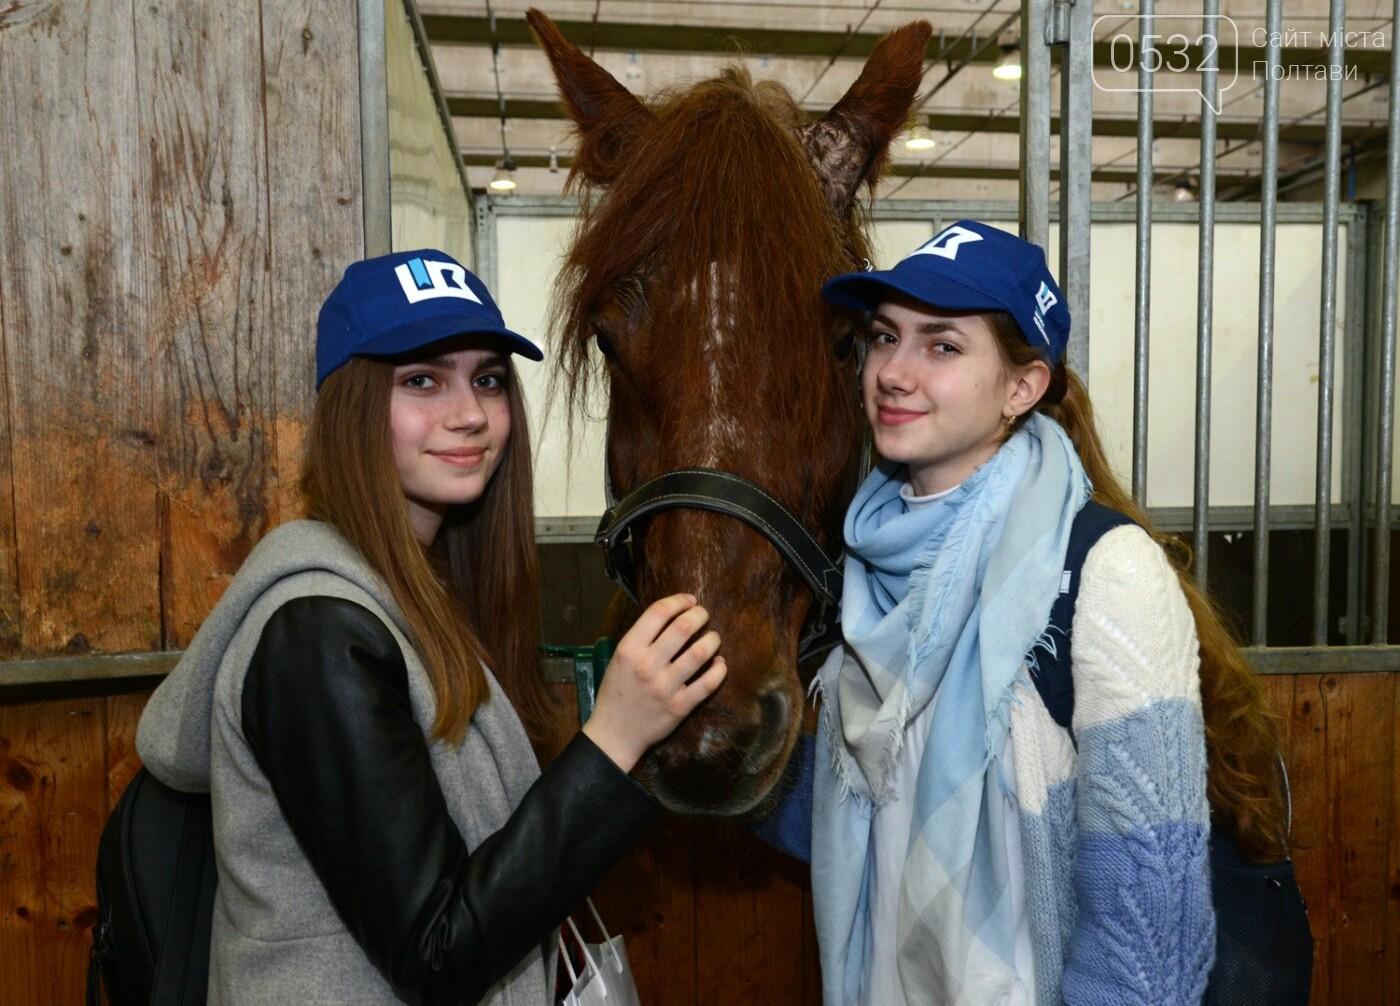 Студенты Полтавской государственной аграрной академии посетили Италию, фото-1